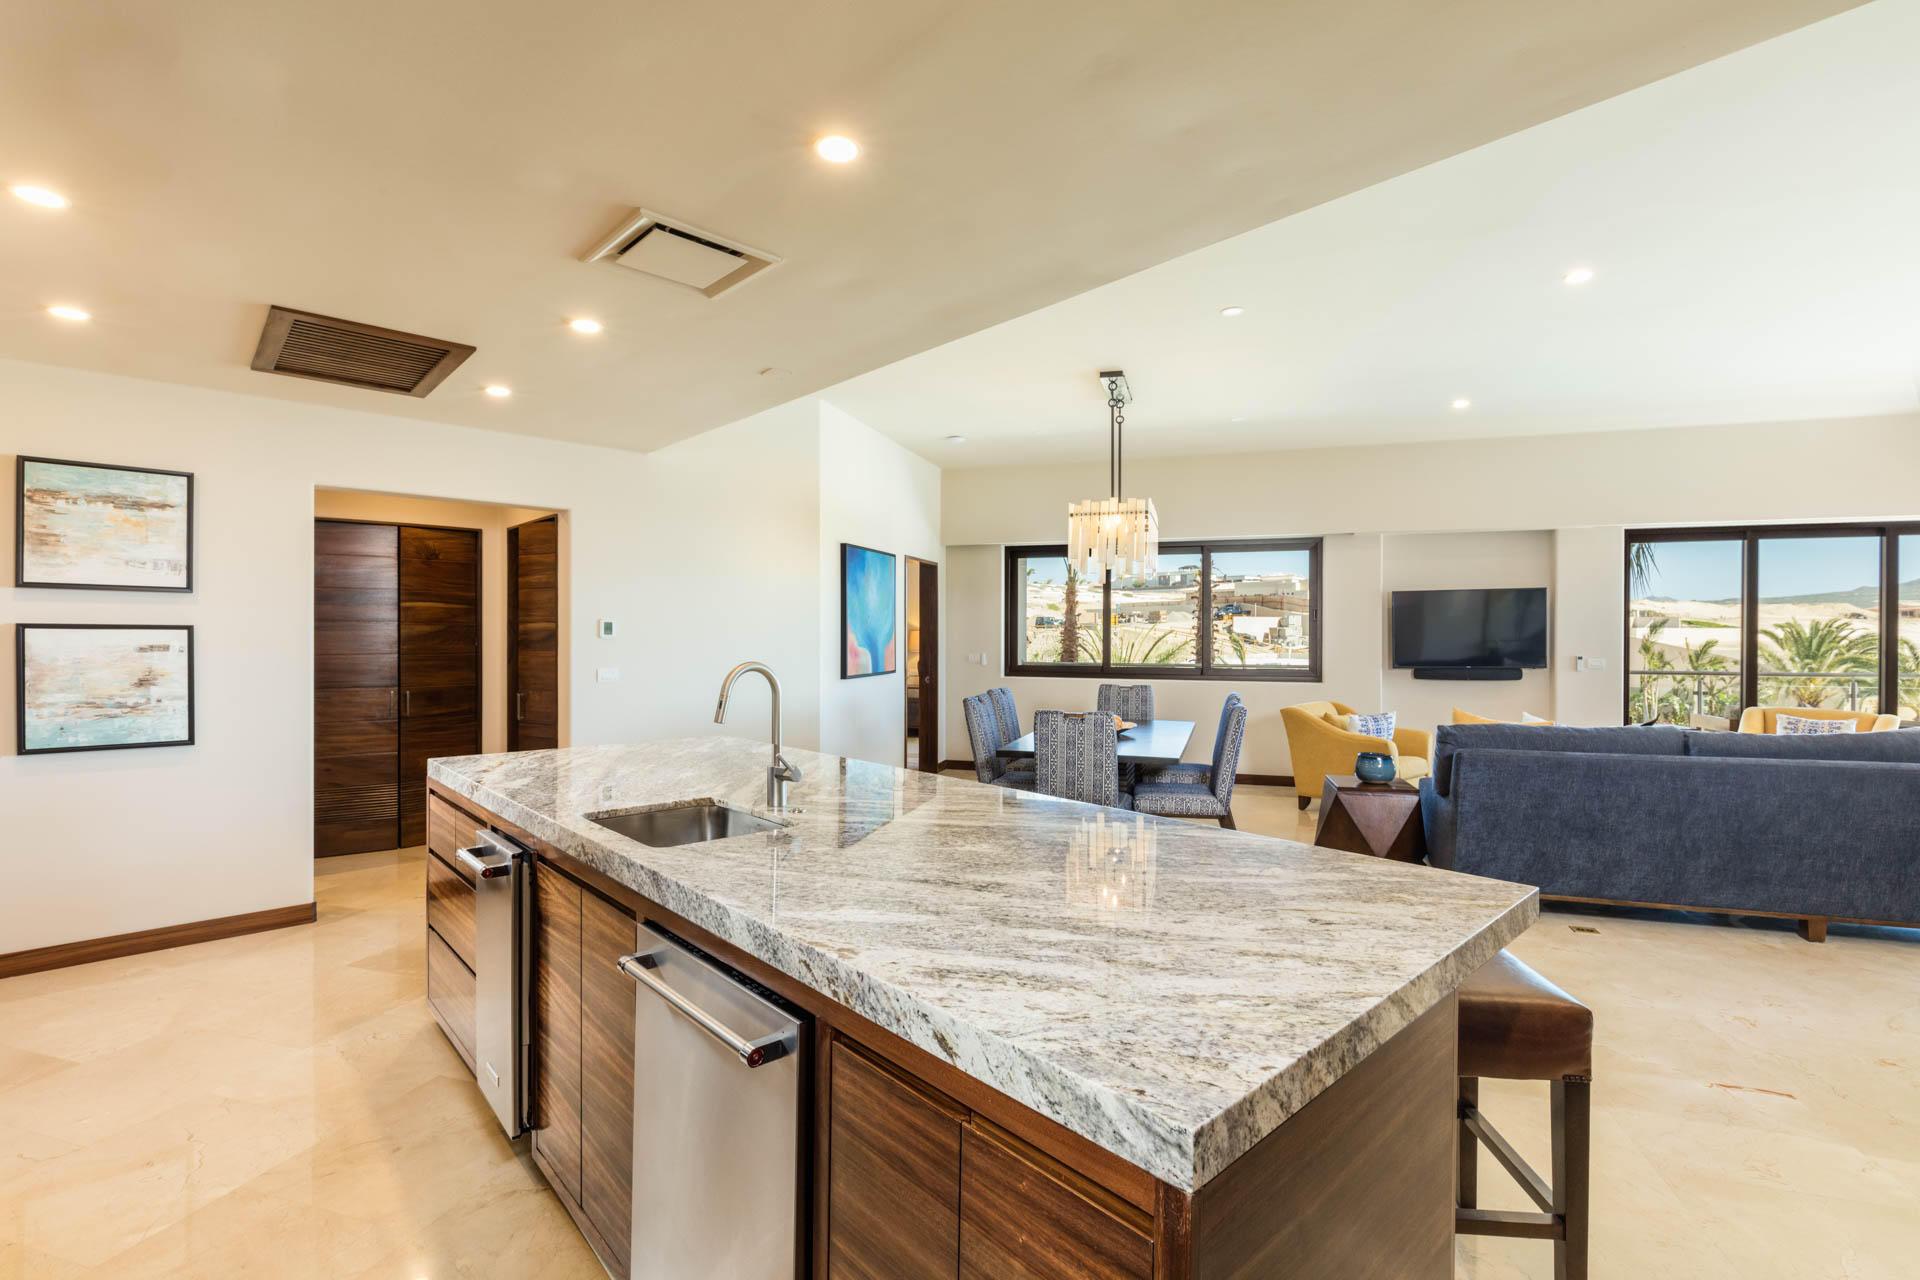 Pacific, 3 Bedrooms Bedrooms, ,3 BathroomsBathrooms,Condo,For Sale,Blvd Diamante SN,19-1358